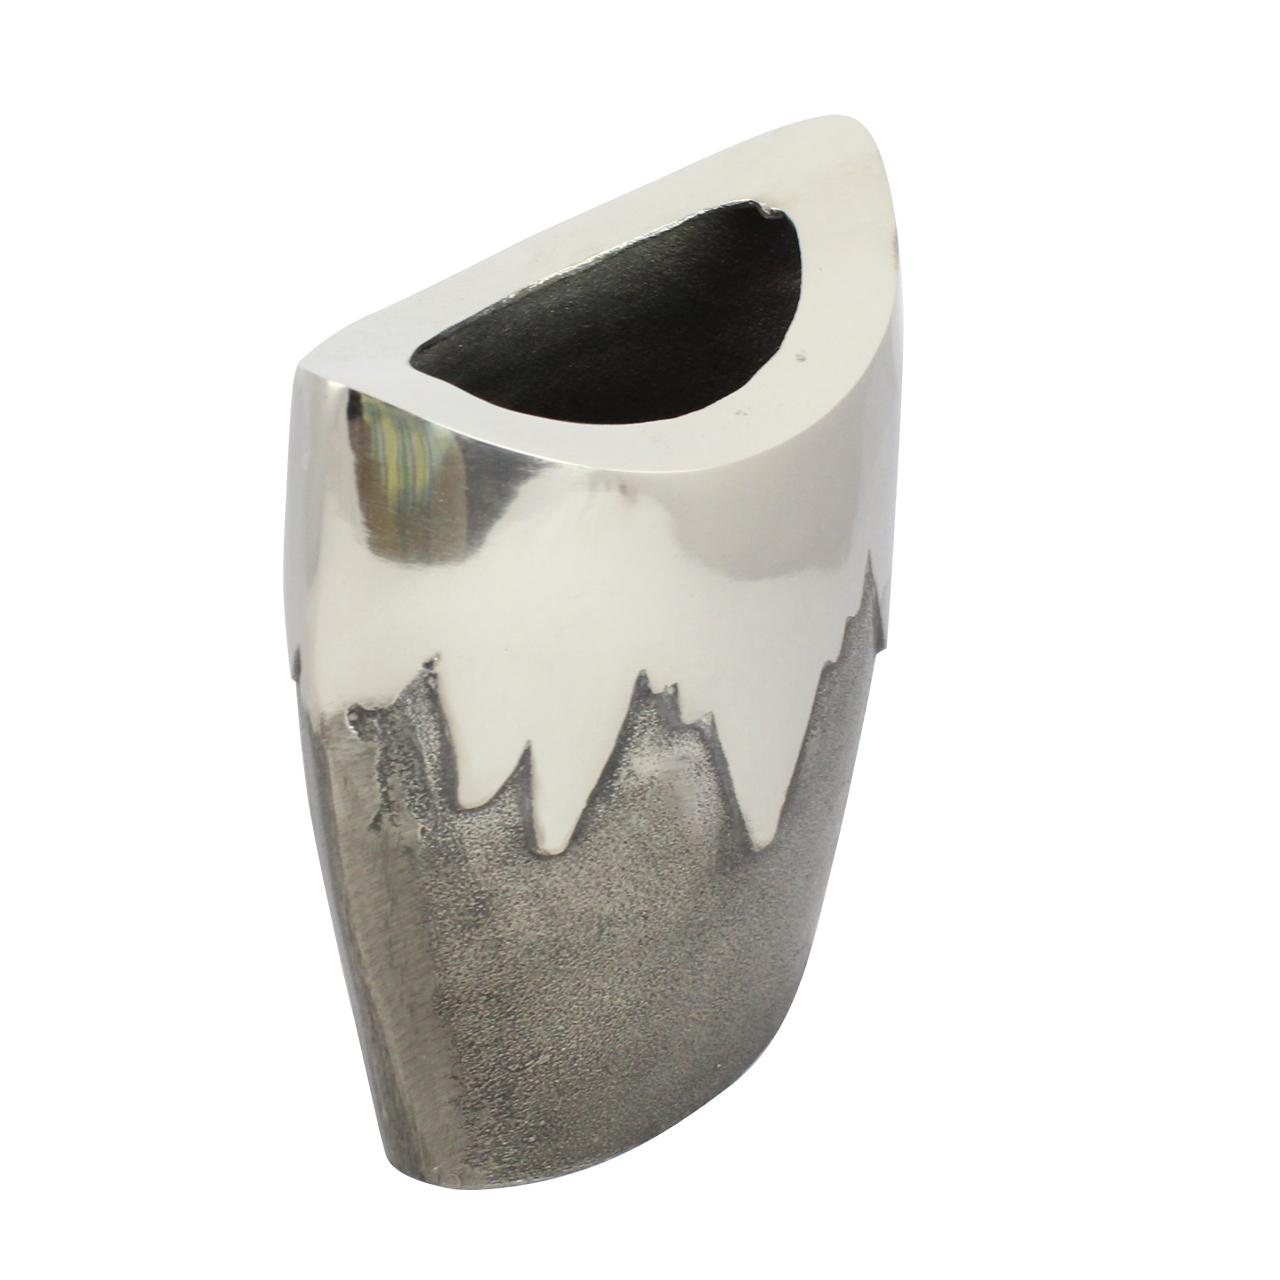 Vaza Din Aluminiu Si Nichel Argintiu 23 Cm